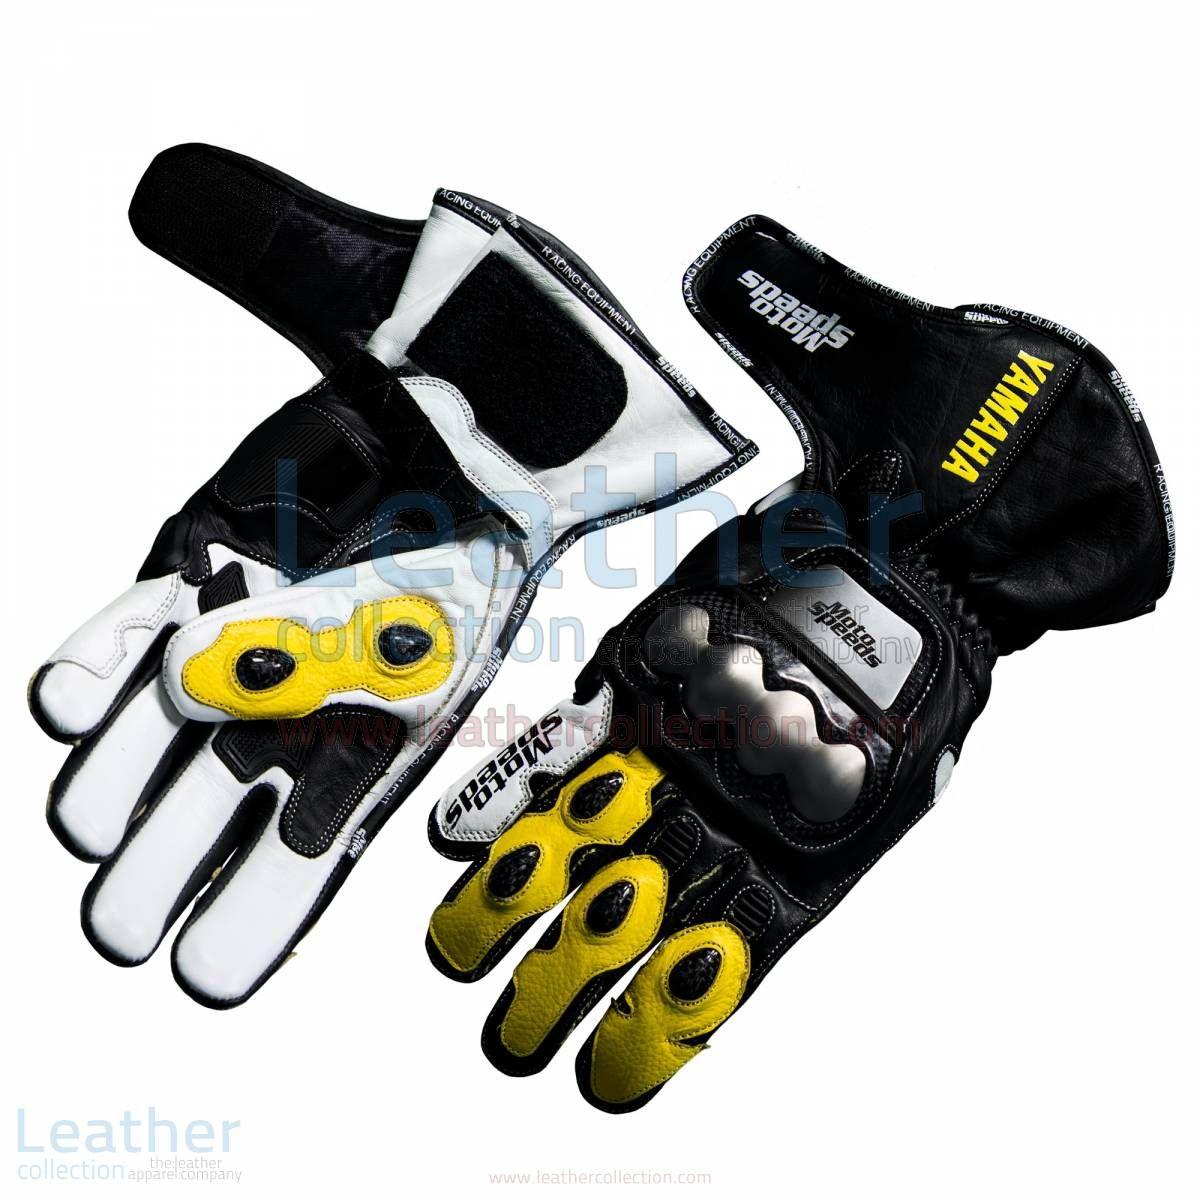 Yamaha Racing Leather Motorcycle Gloves Yellow Motorrad